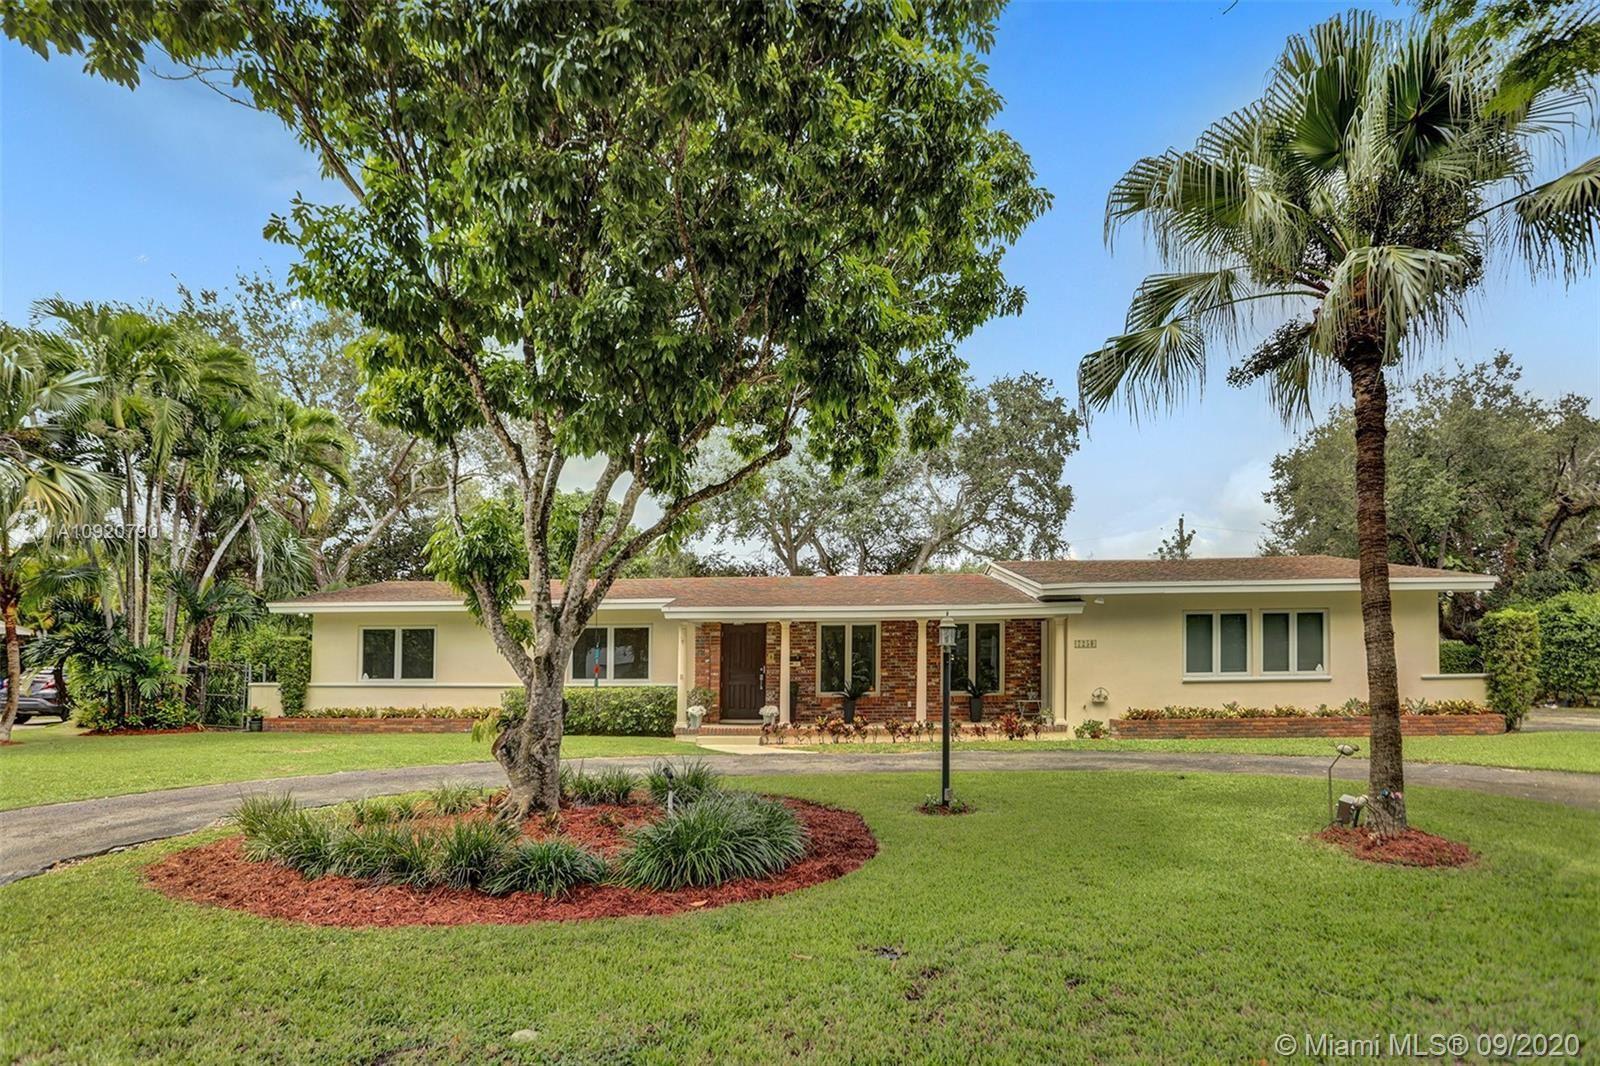 7250 SW 68th Ave, South Miami, FL 33143 - #: A10920790